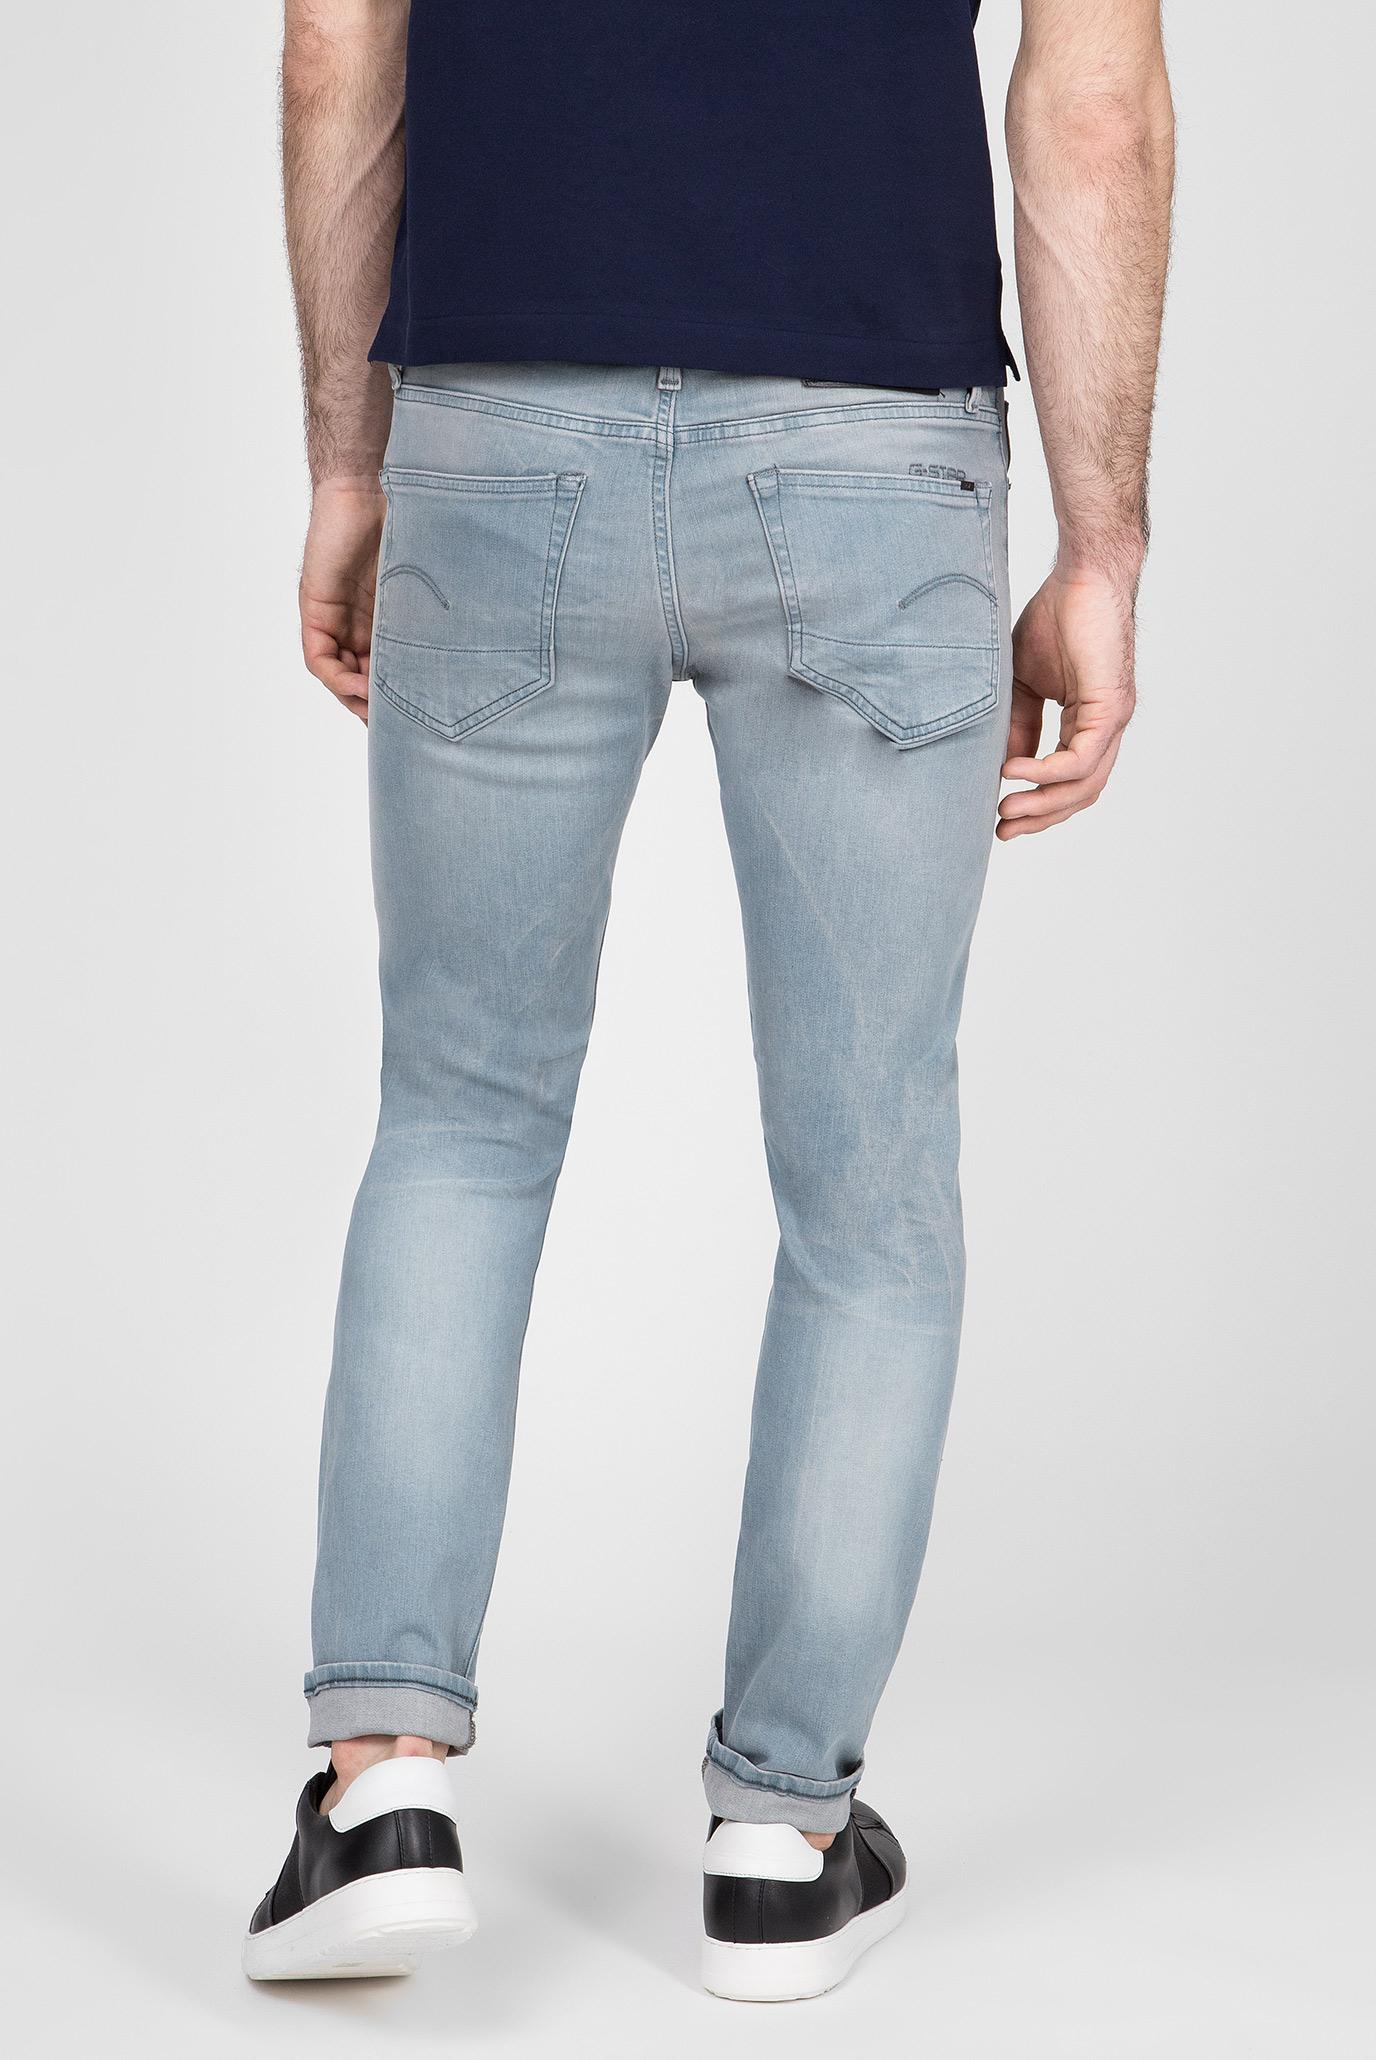 Купить Мужские голубые джинсы 3301 G-Star RAW G-Star RAW 51001,9882 – Киев, Украина. Цены в интернет магазине MD Fashion